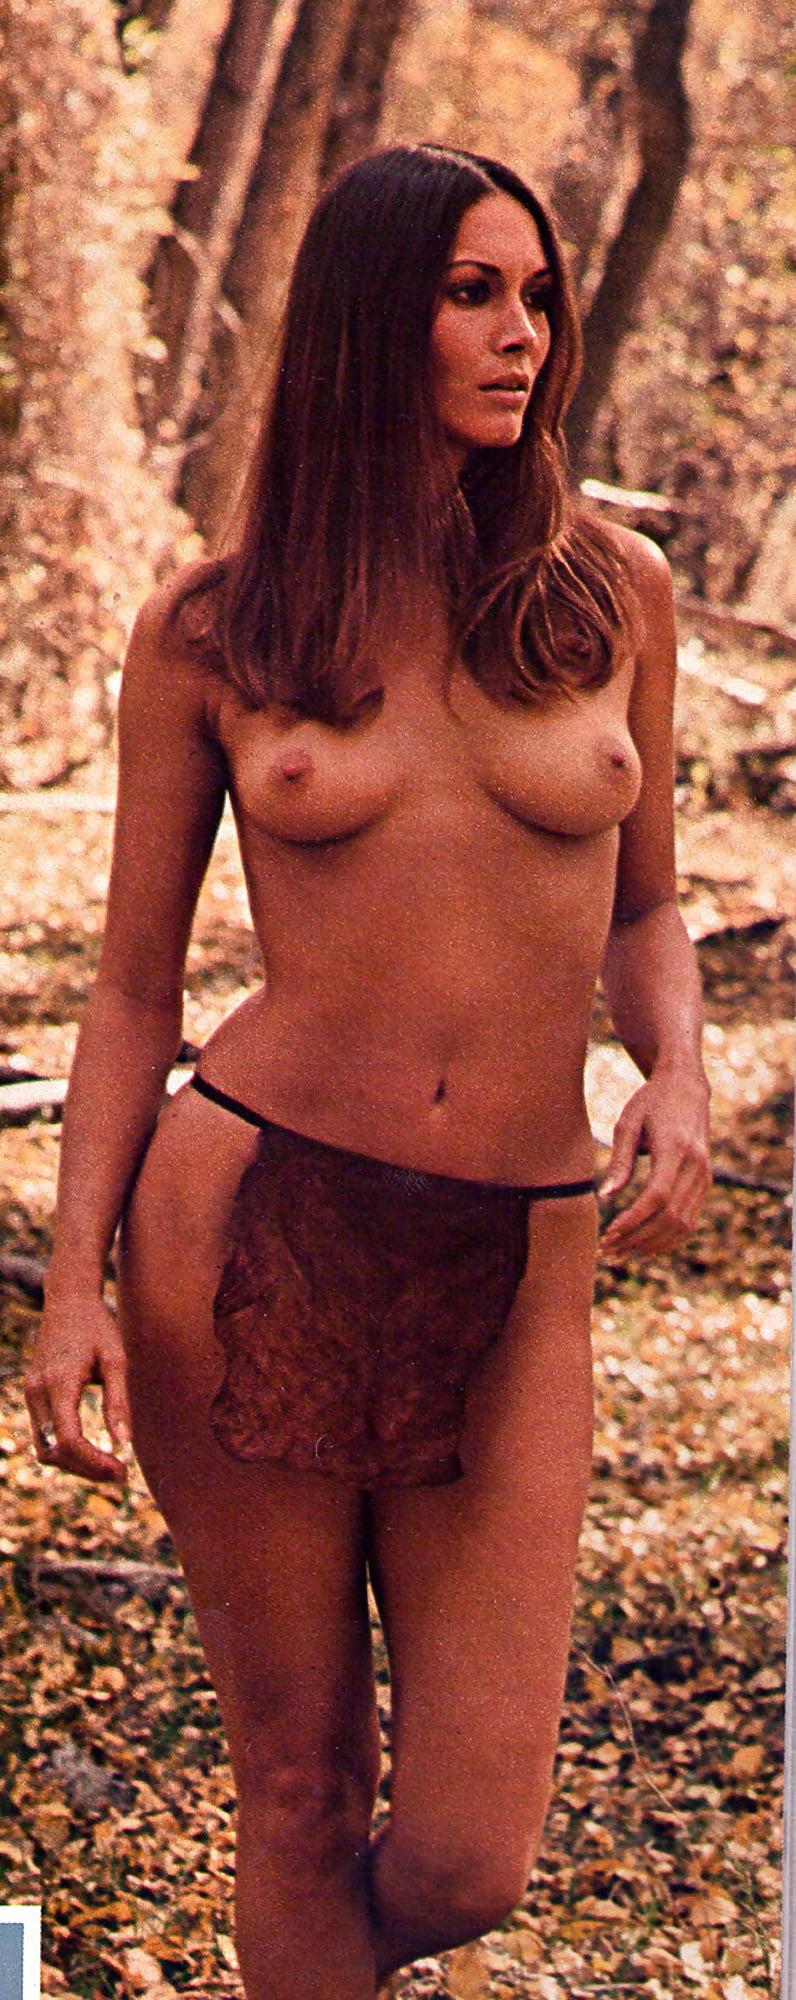 barbara-bosson-naked